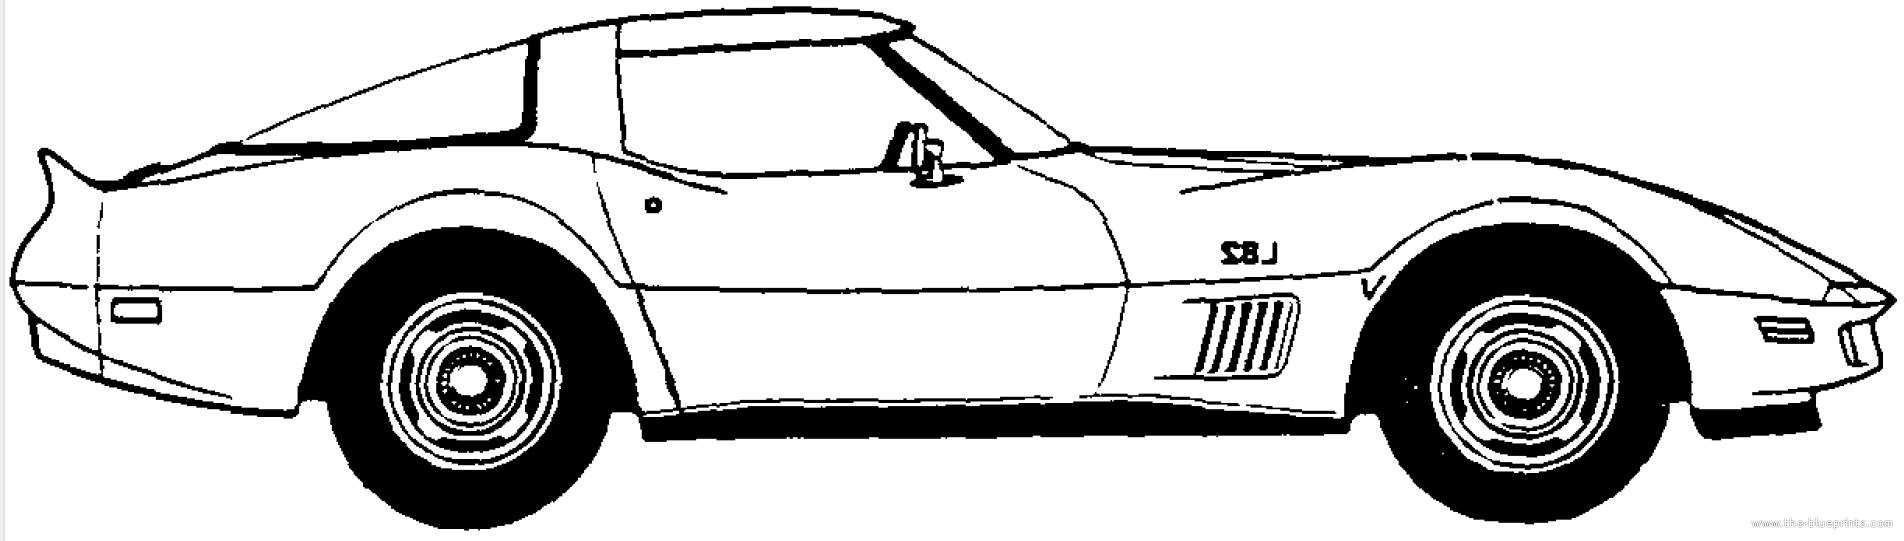 Corvette Clipart Free Clipart Images.